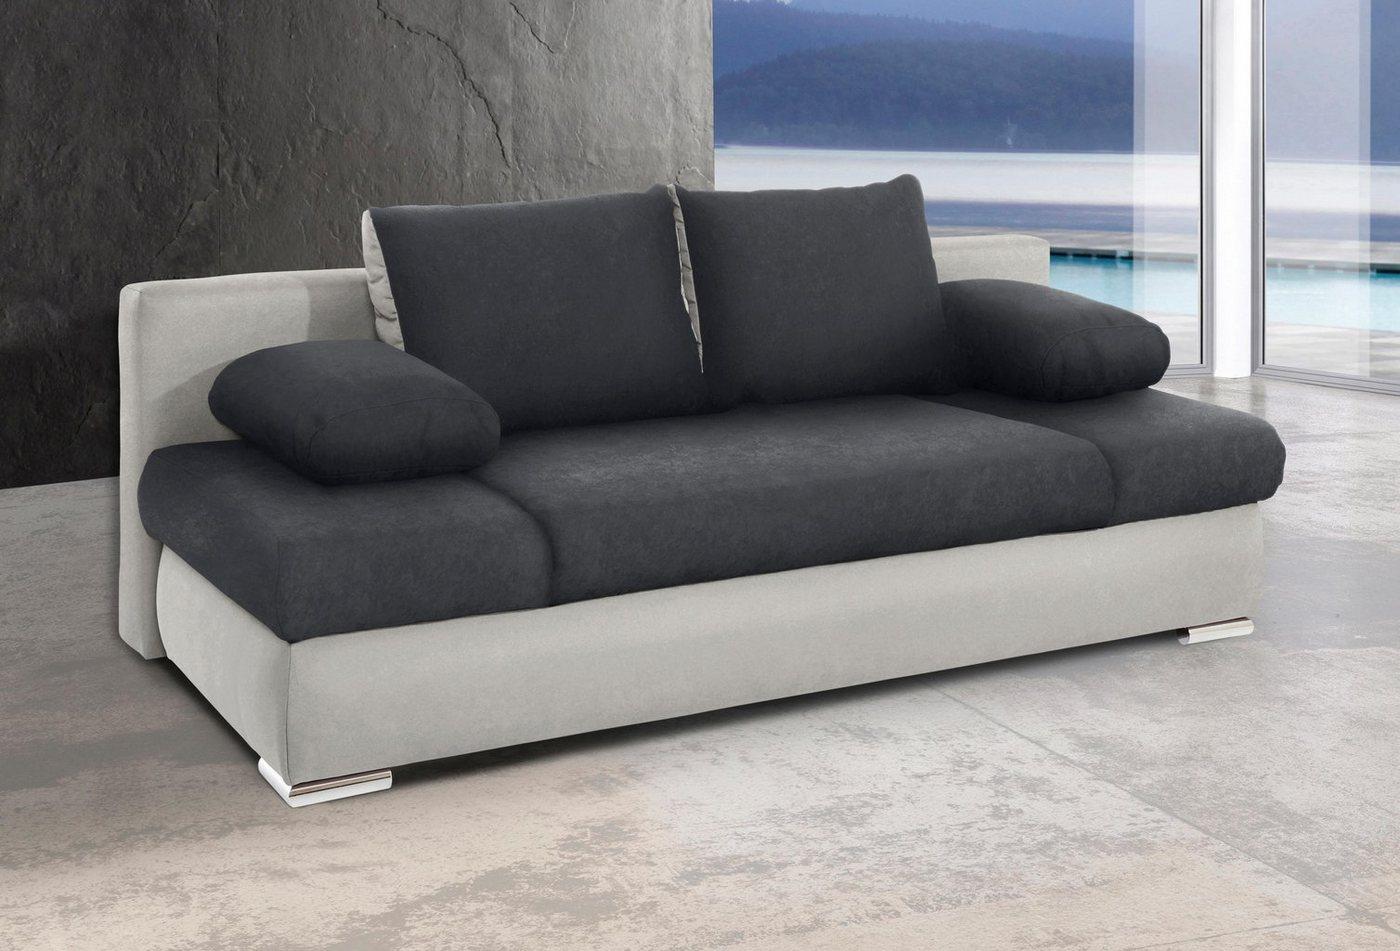 Bett mit bettkasten 140 cm breit preisvergleiche for Schlafsofa 120 breit mit bettkasten